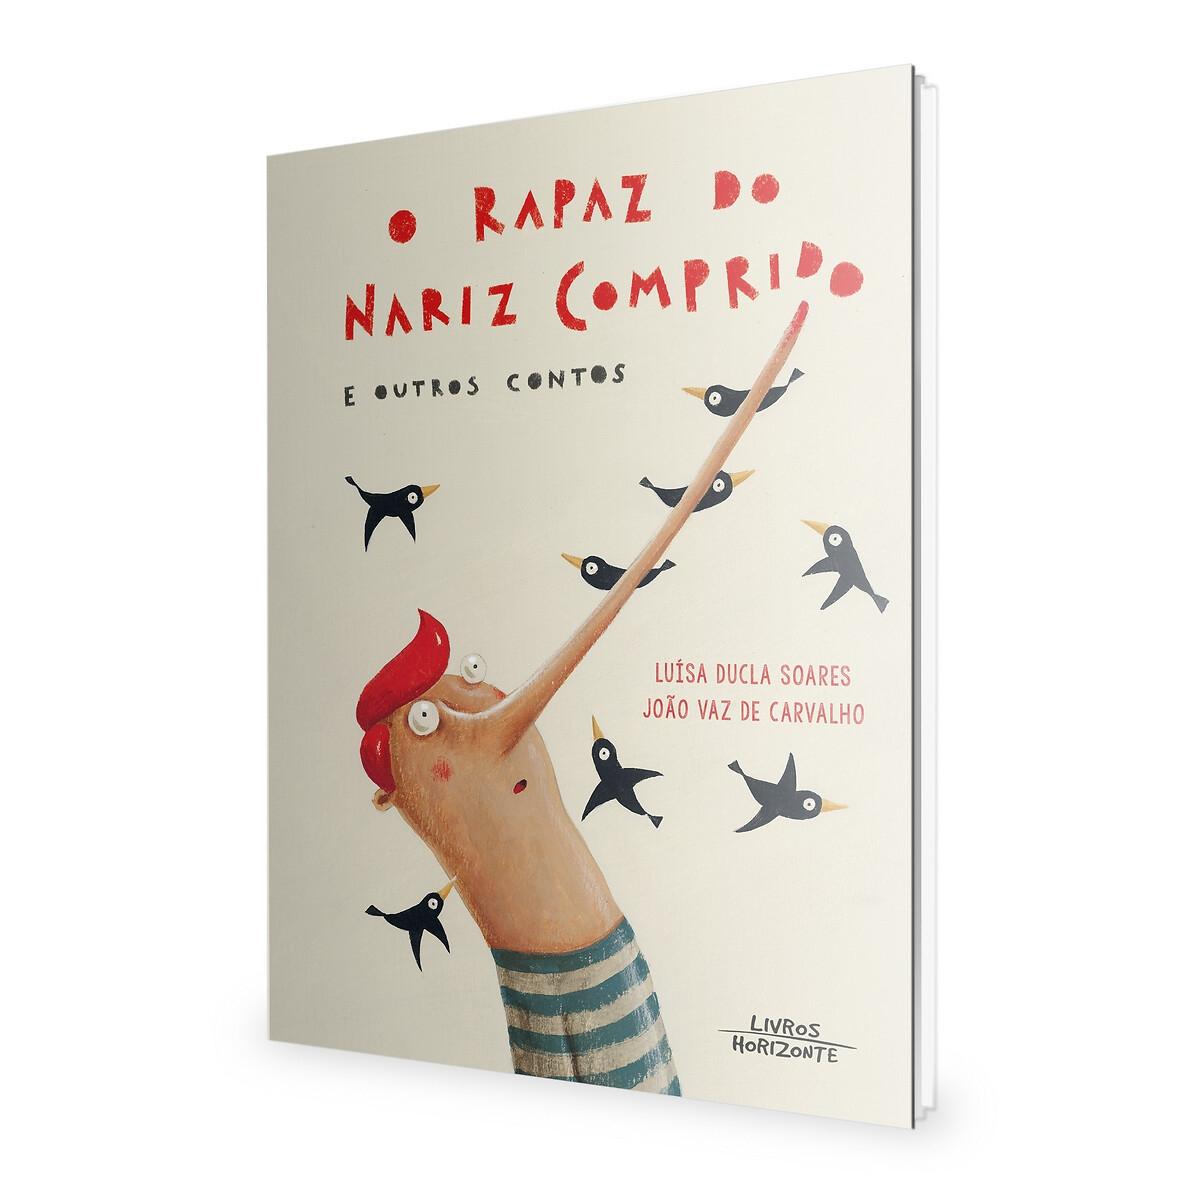 LIVROS HORIZONTE - Livros Horizonte Livro O Rapaz do Nariz Comprido e Outros Contos